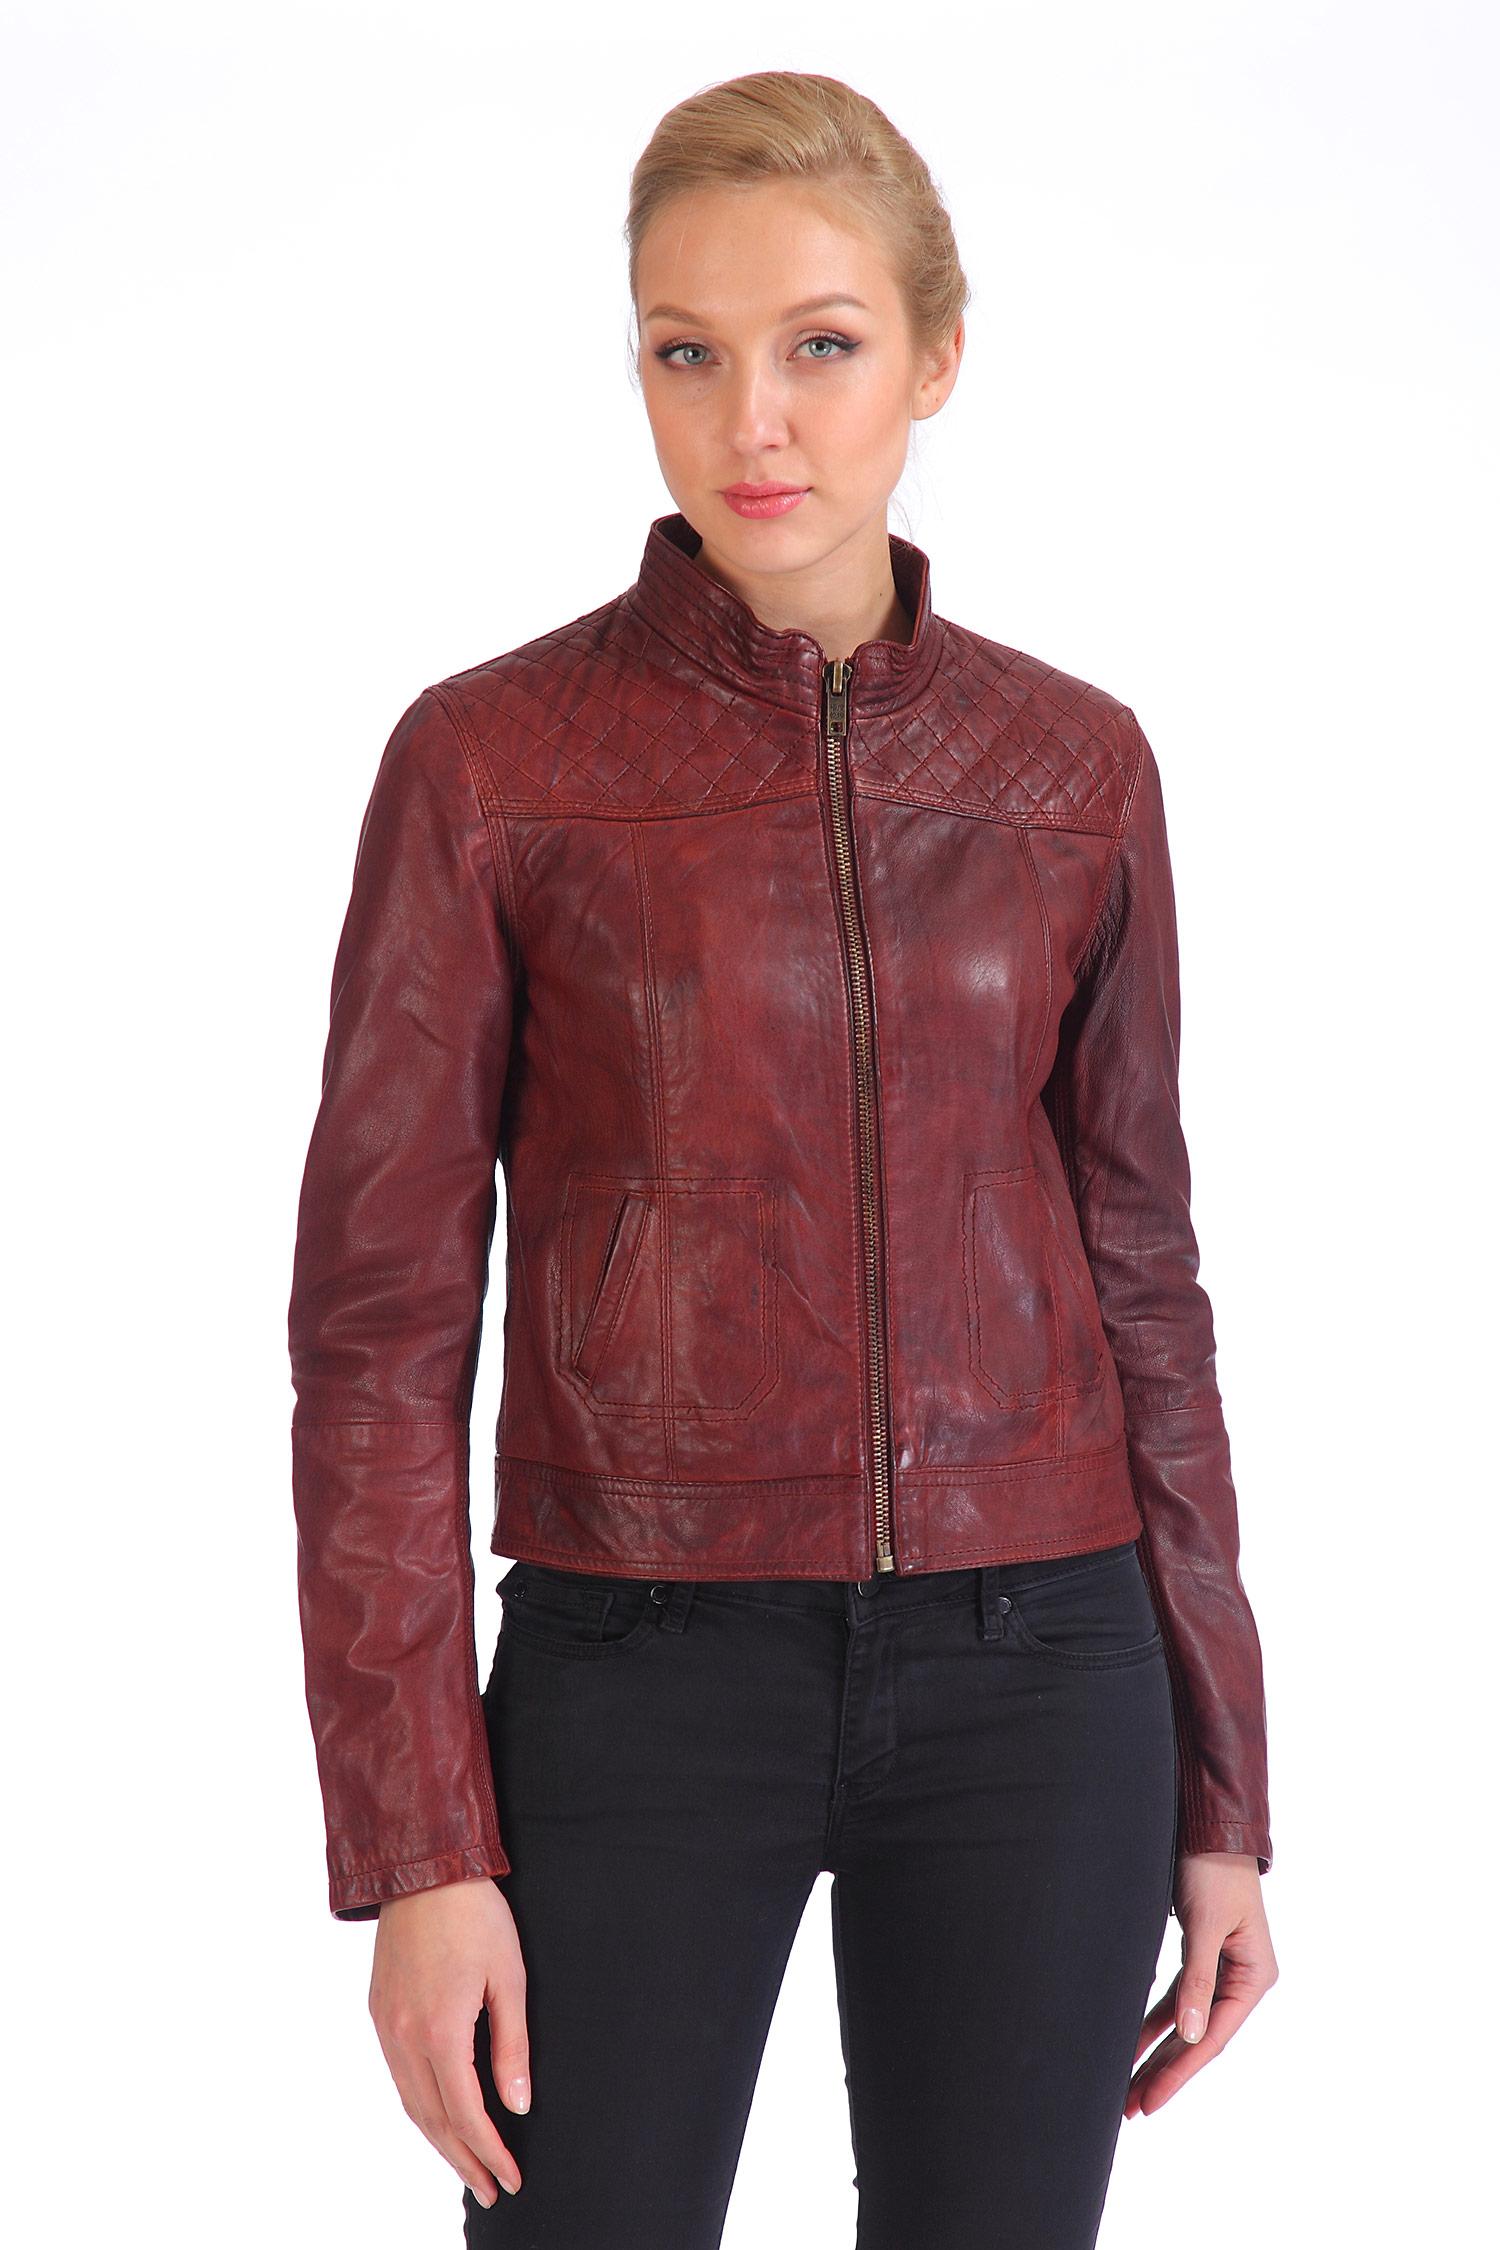 Женская кожаная куртка из натуральной кожи с воротником, без отделки<br><br>Воротник: стойка<br>Длина см: Короткая (51-74 )<br>Материал: Кожа овчина<br>Цвет: бордовый<br>Застежка: на молнии<br>Пол: Женский<br>Размер RU: 48